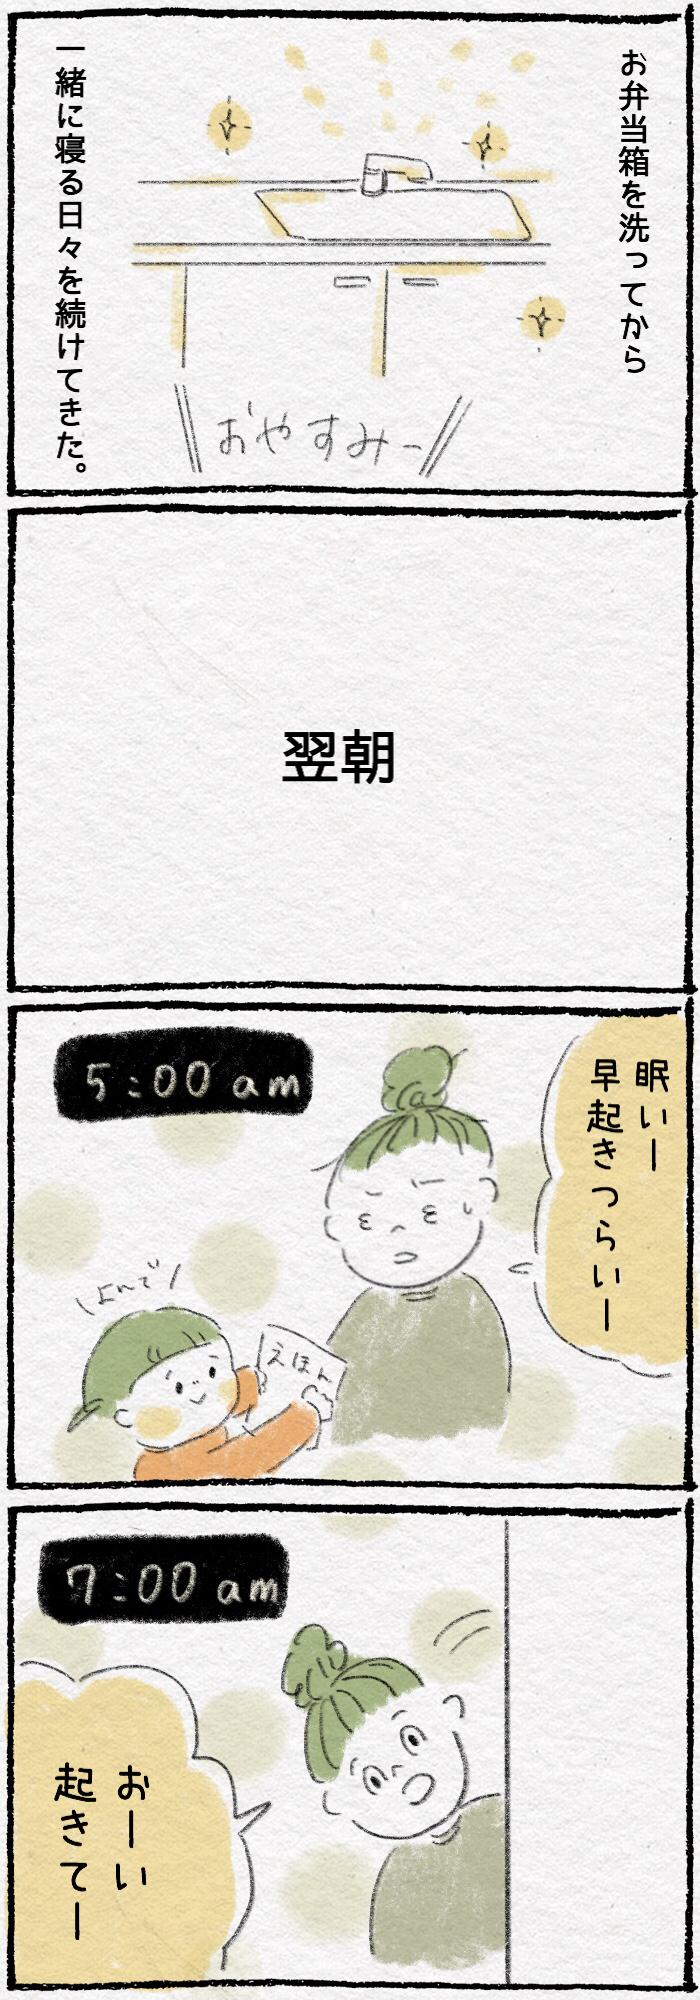 誰よりも早く起き、遅く寝る。それが「理想の妻」だと思っていたのに…。の画像3